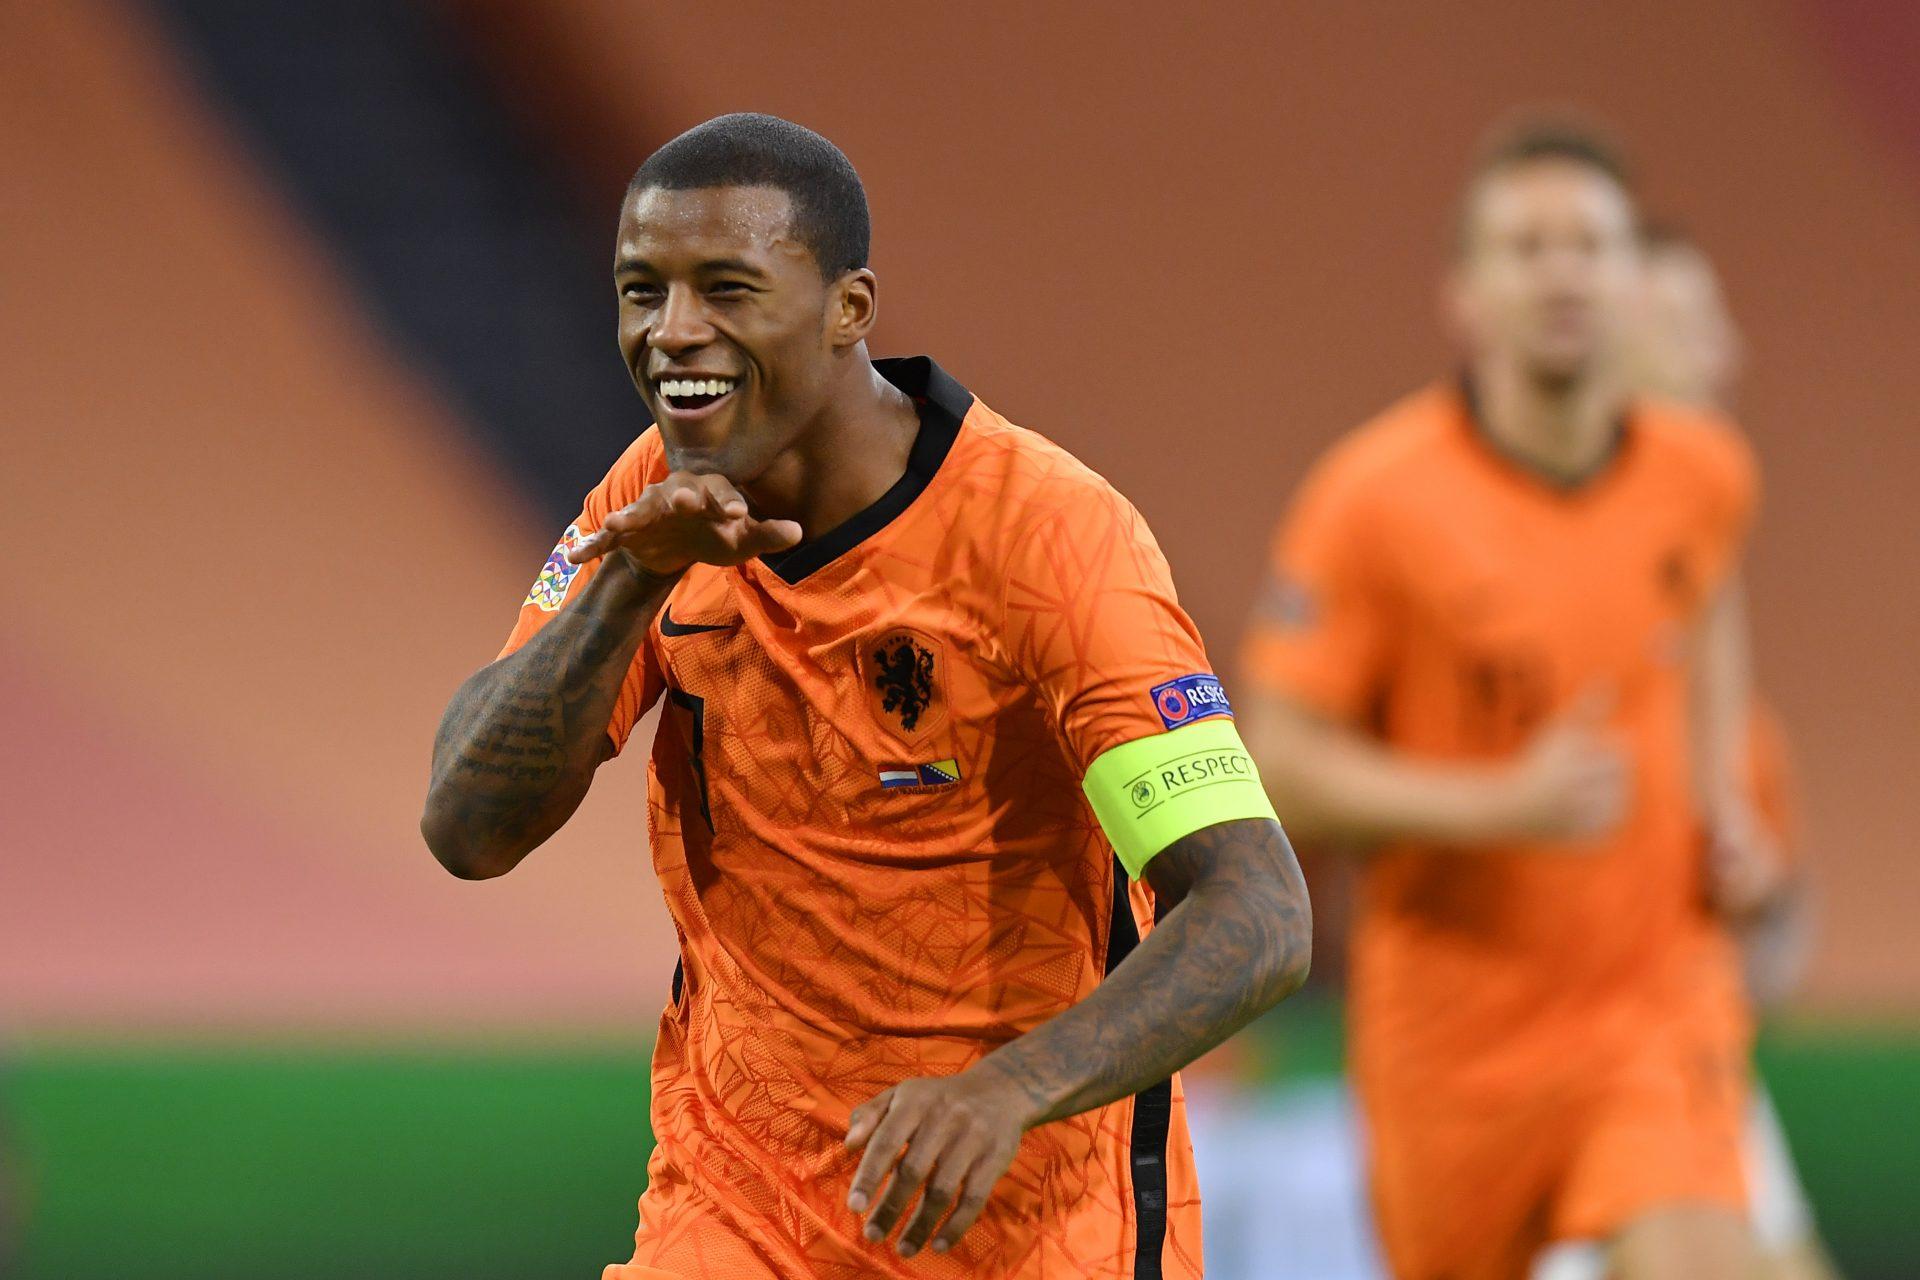 Op Deze Zender S Kijk Je Vanavond Naar Het Nederlands Elftal En Jong Oranje Sportnieuws